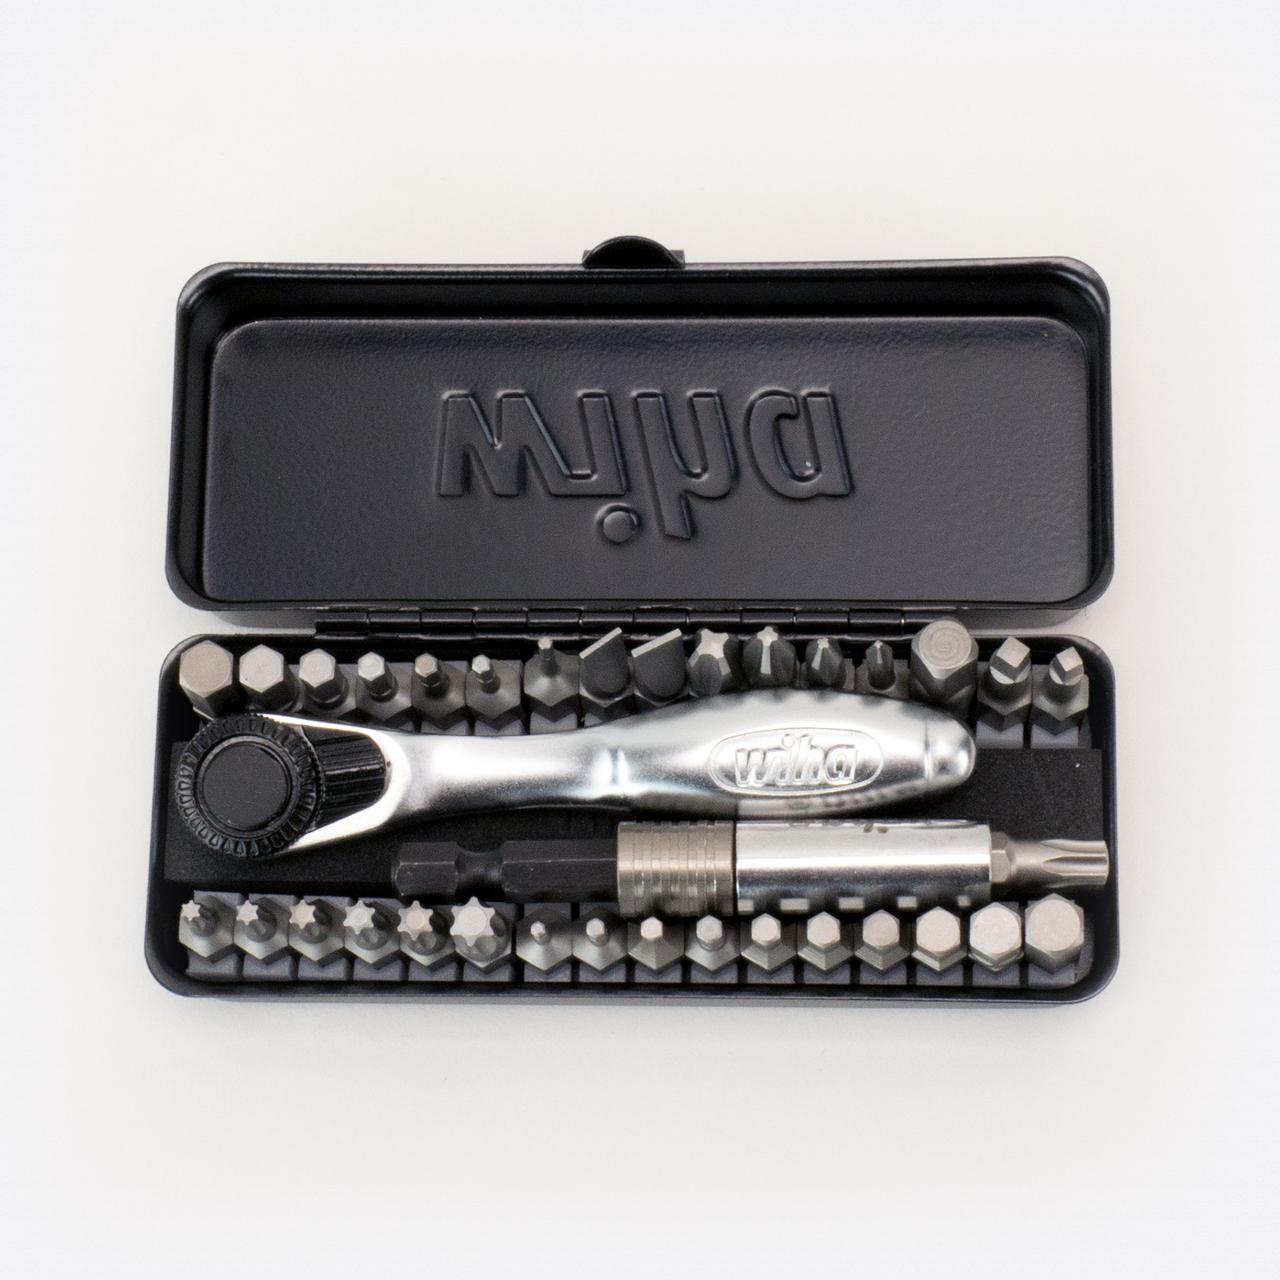 Wiha 74996 Bit Ratchet Compact Storage Box Set, 35 Pieces - KC Tool